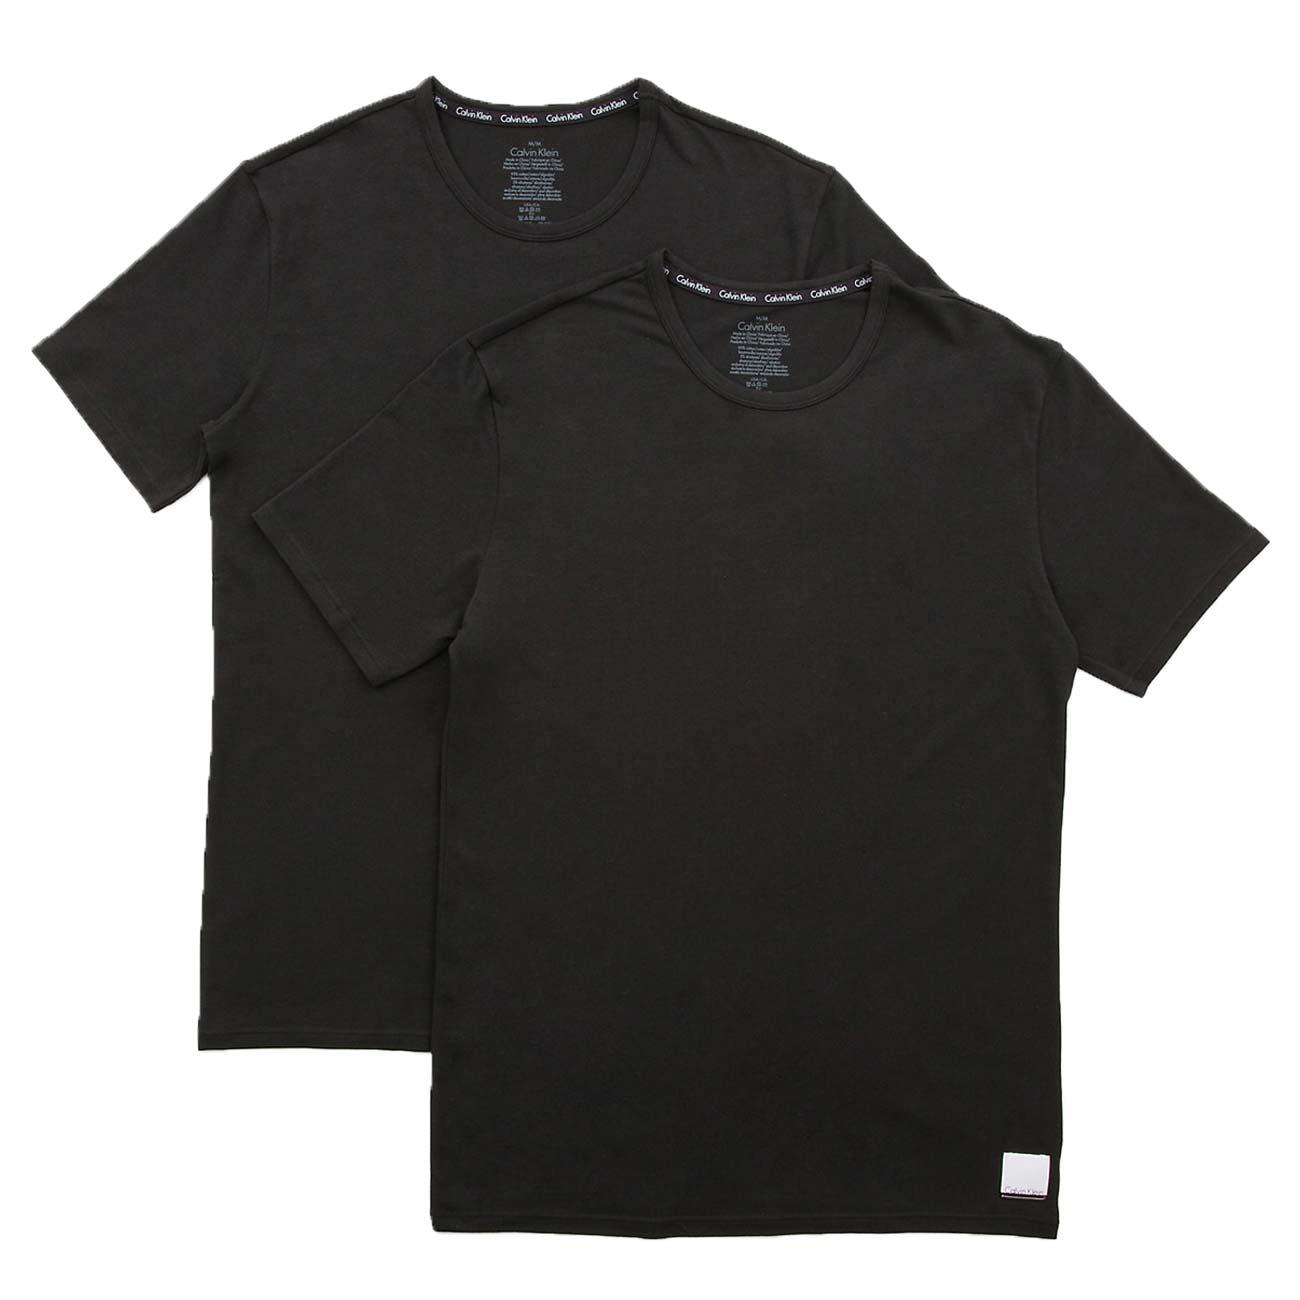 Ανδρική φανέλα Calvin Klein 8697 - 2 pack μαύρη